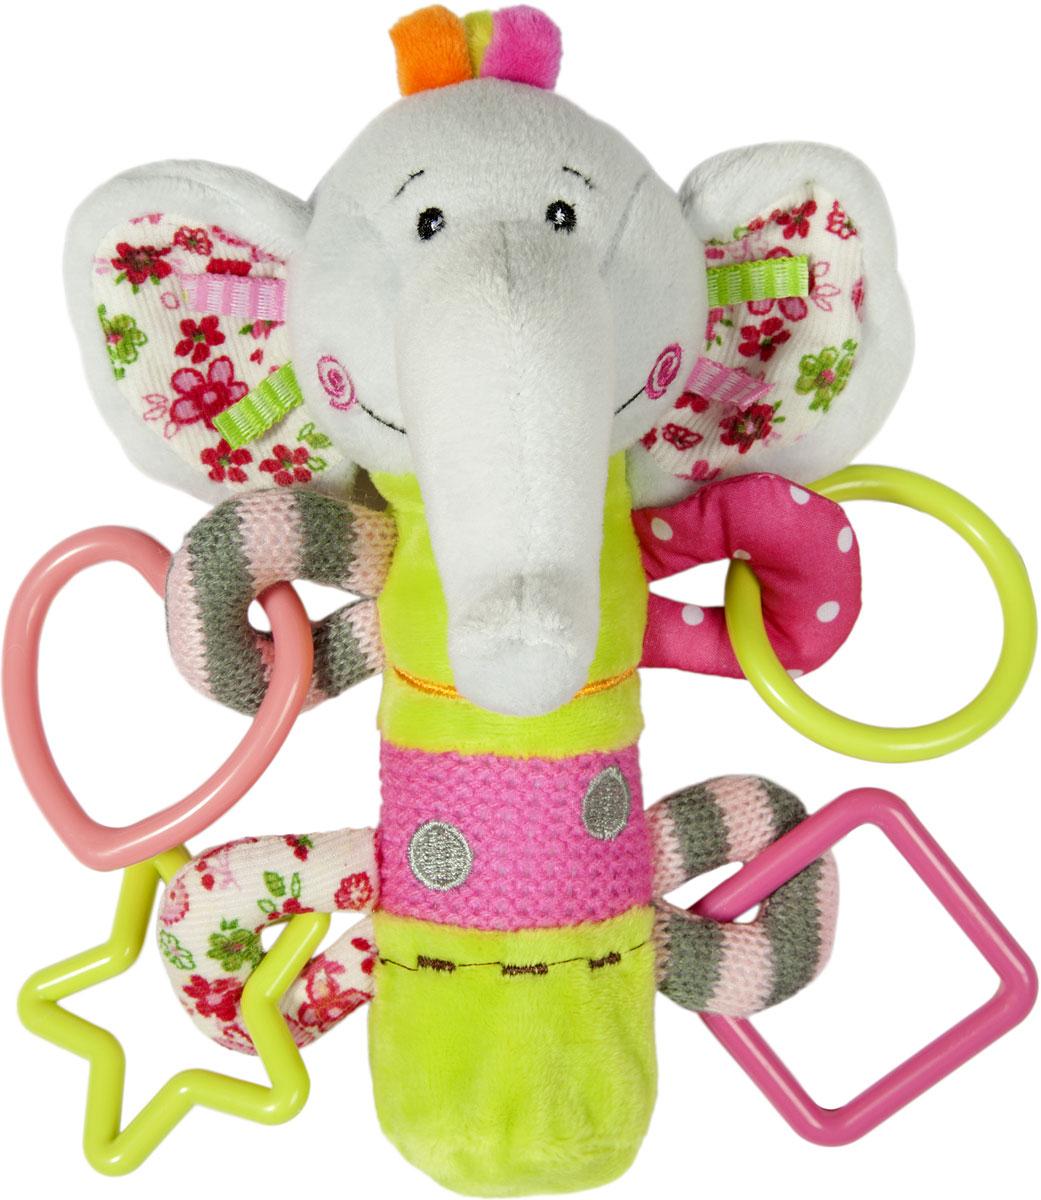 Развивающая игрушка-погремушка Жирафики Слоник, с пищалкой жирафики развивающая игрушка пищалка динозаврик 93920